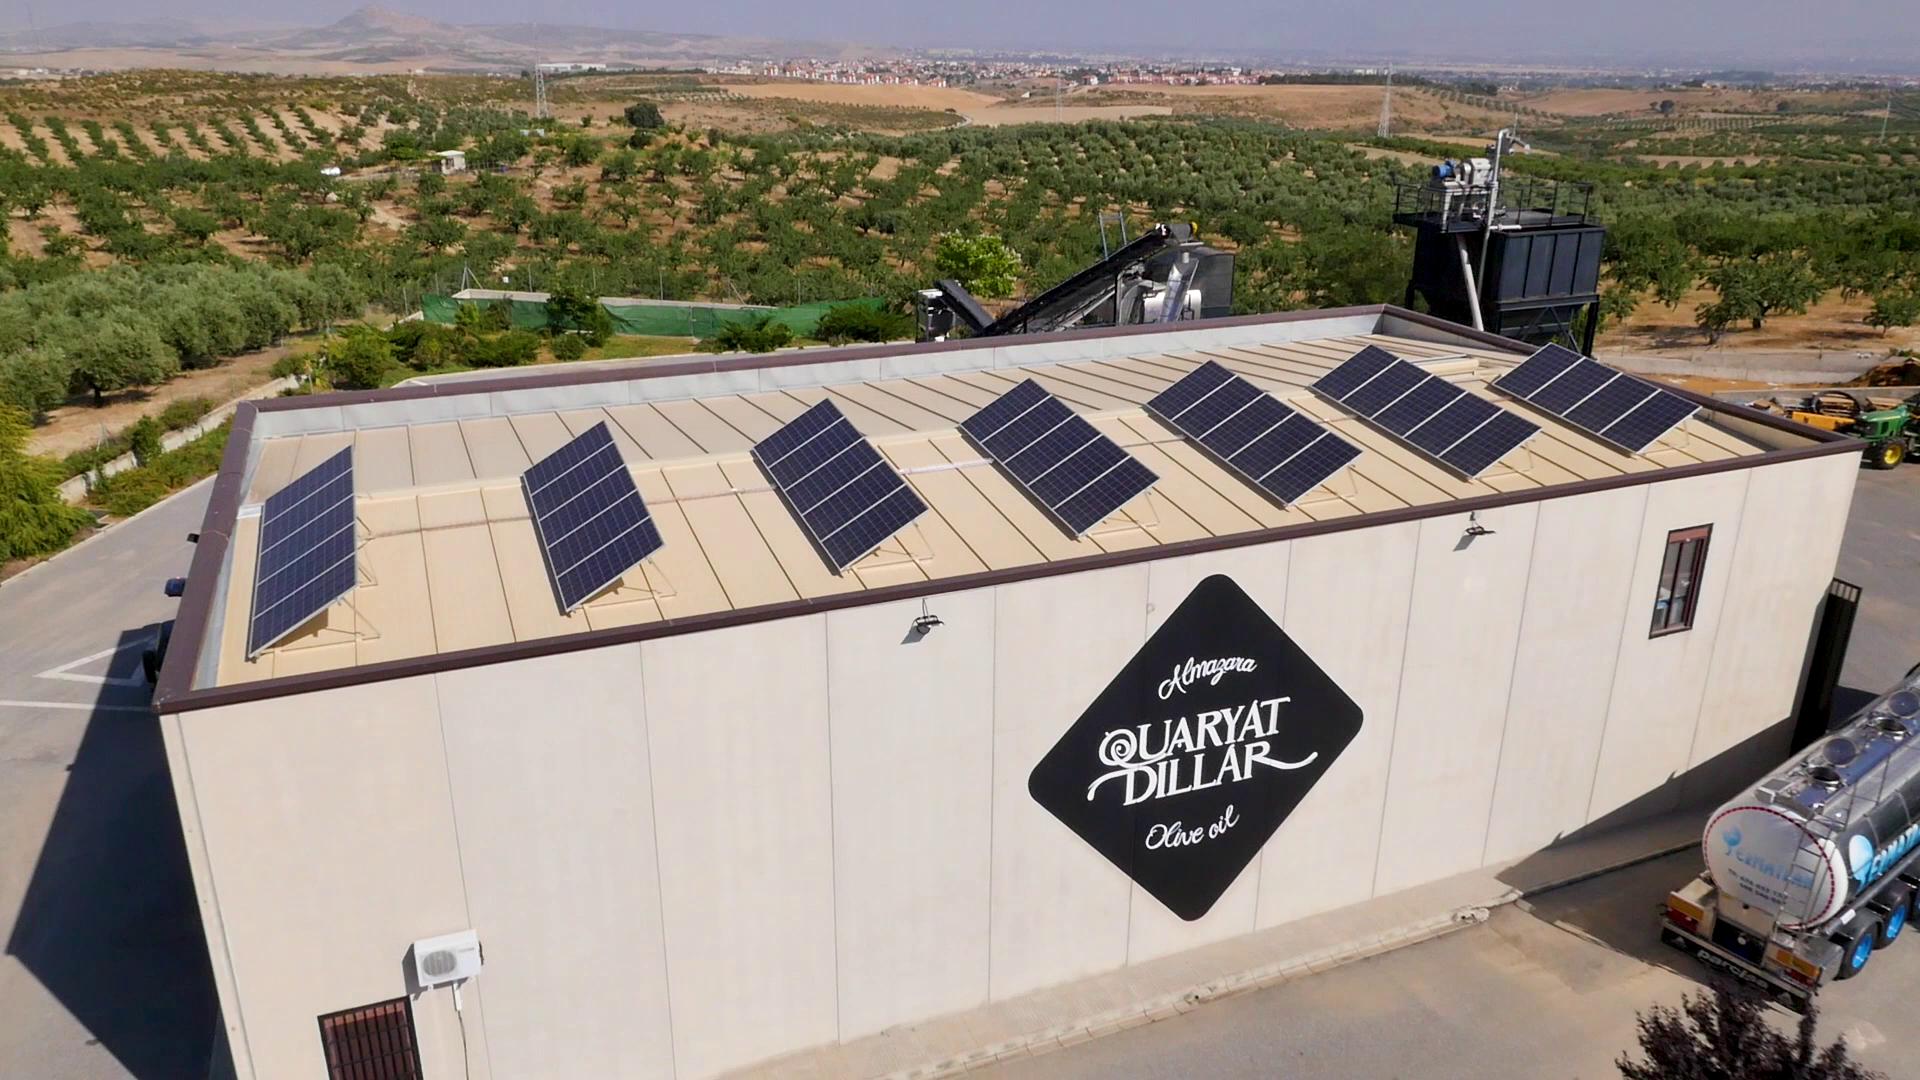 Vista aérea de la Almazara Quaryat Dillar donde se ve la instalación de placas solares para alimentar la fábrica. La Almazara Quaryat Dillar de Sierra Nevada apuesta por la sostenibilidad medioambiental